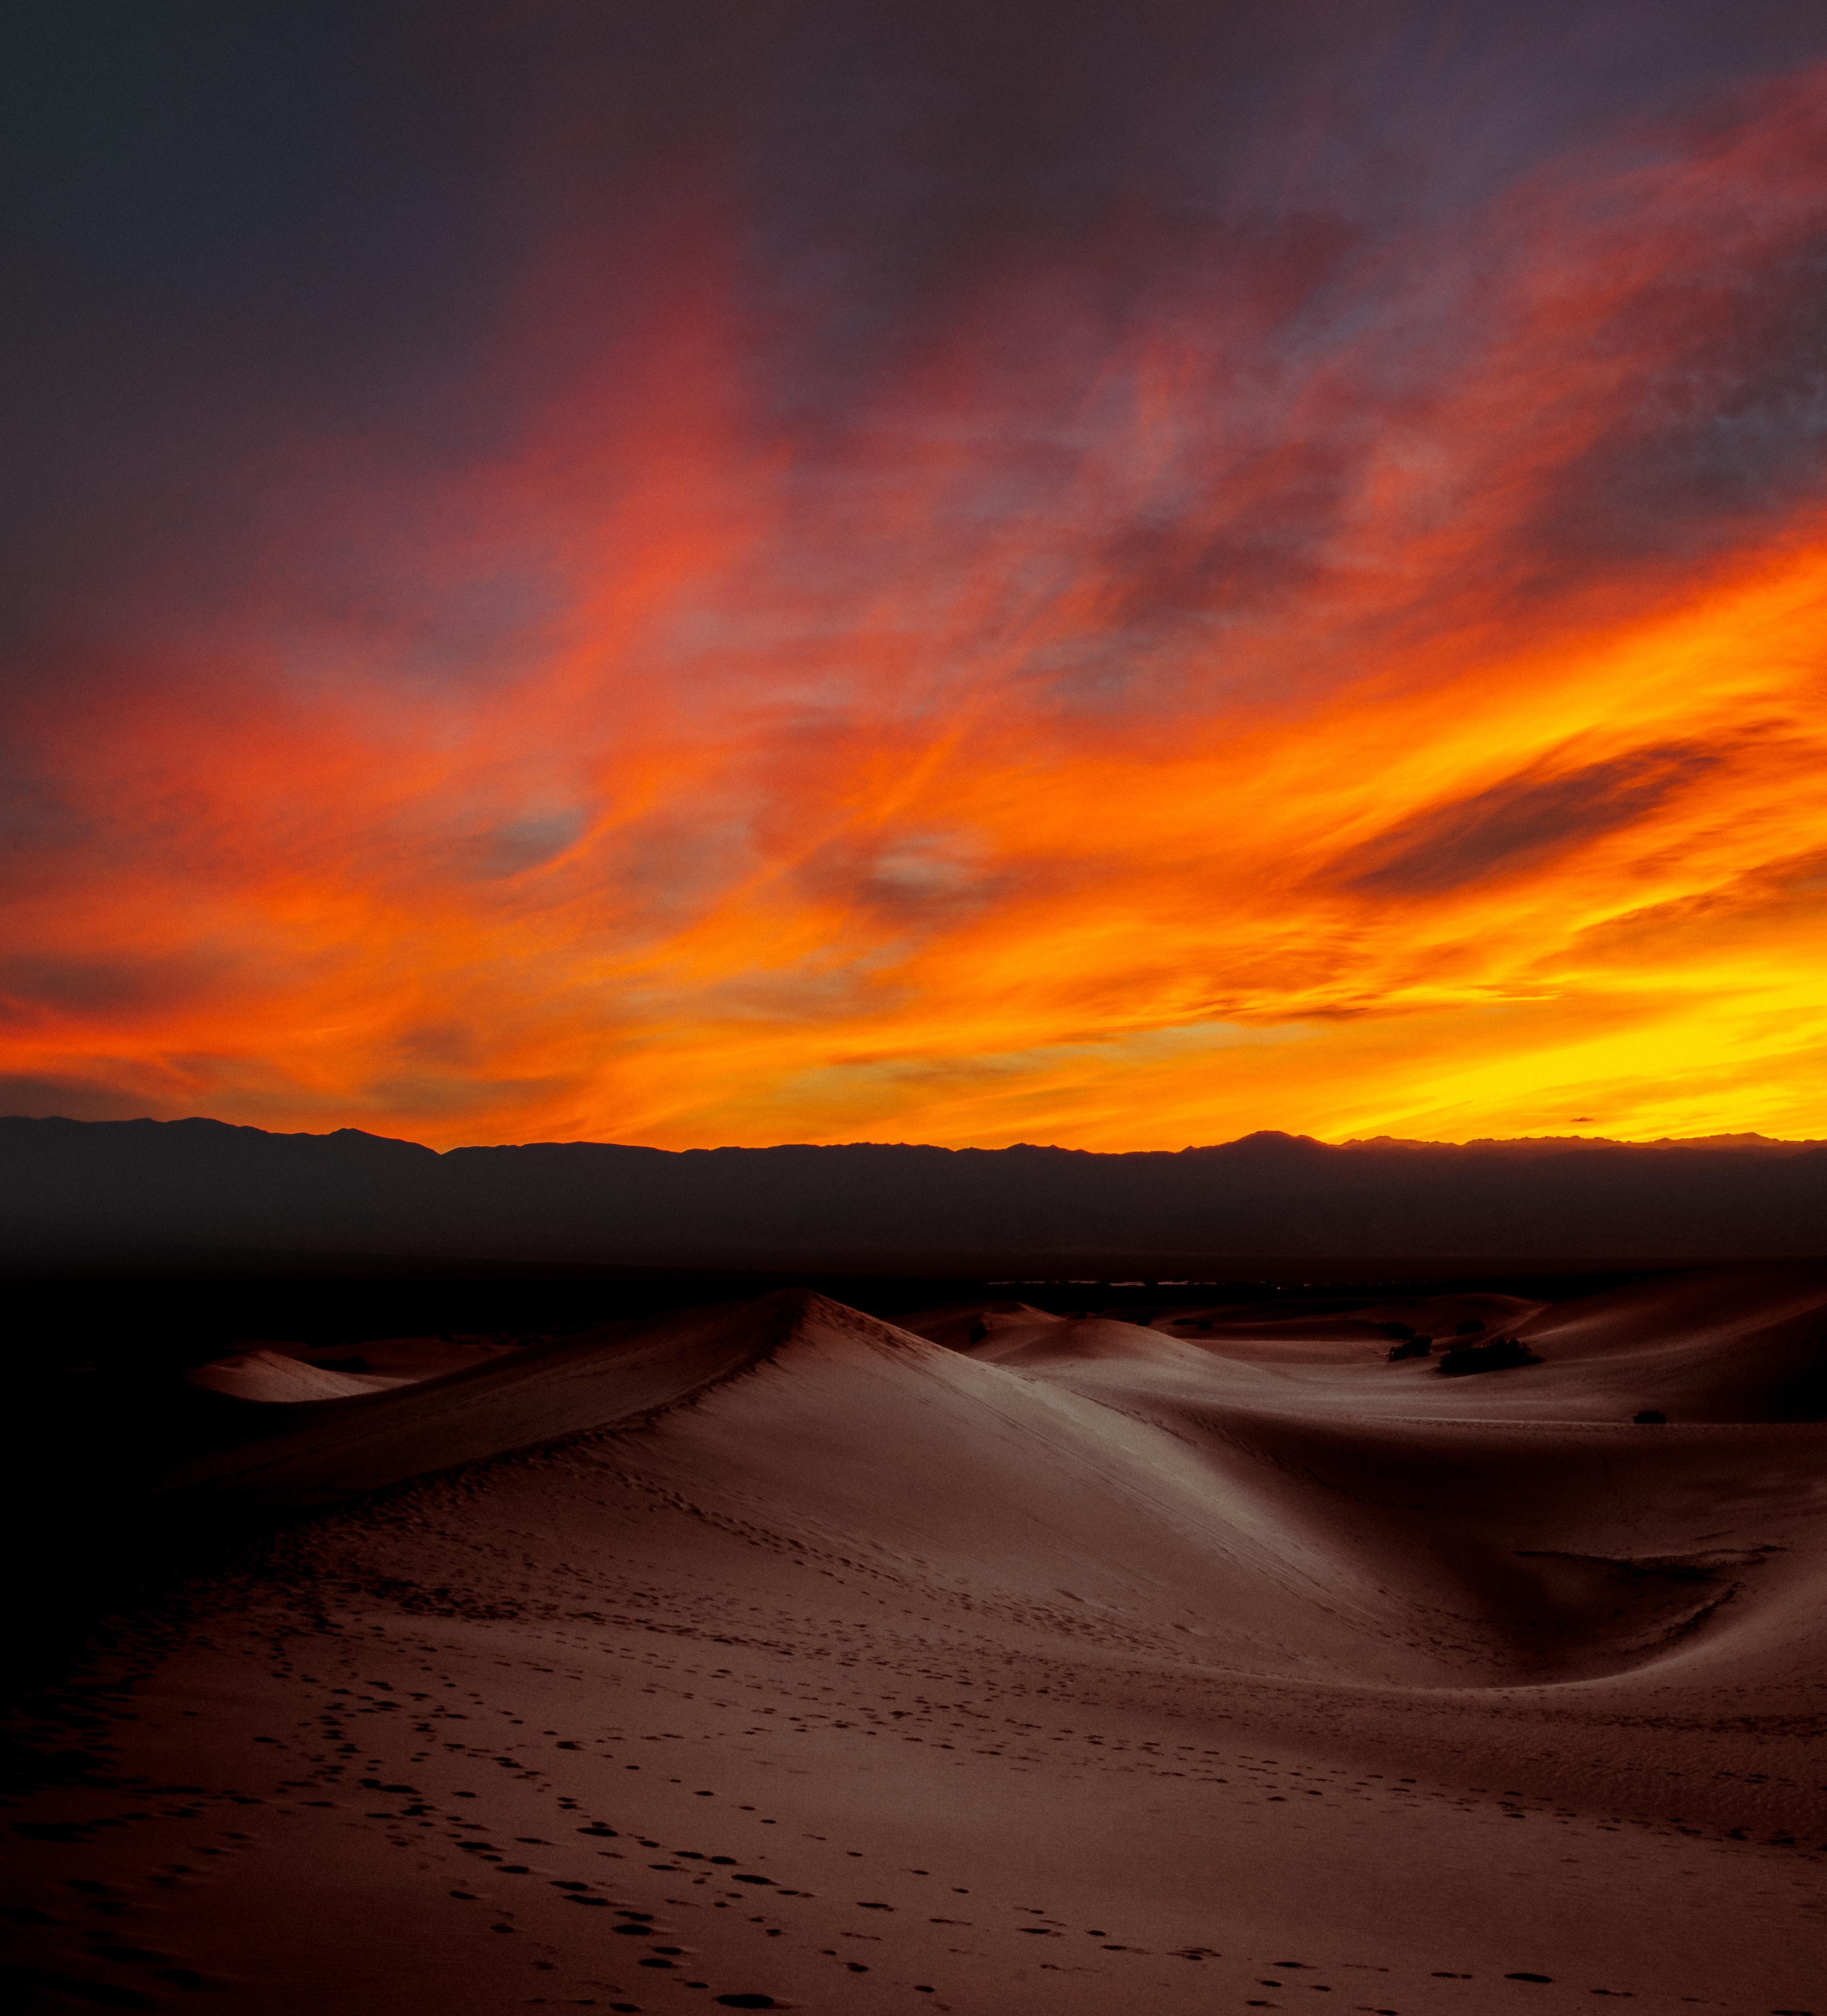 4k Resolution Wallpaper: 2560x1440 Burning Sunset Dark Desert 4k 1440P Resolution